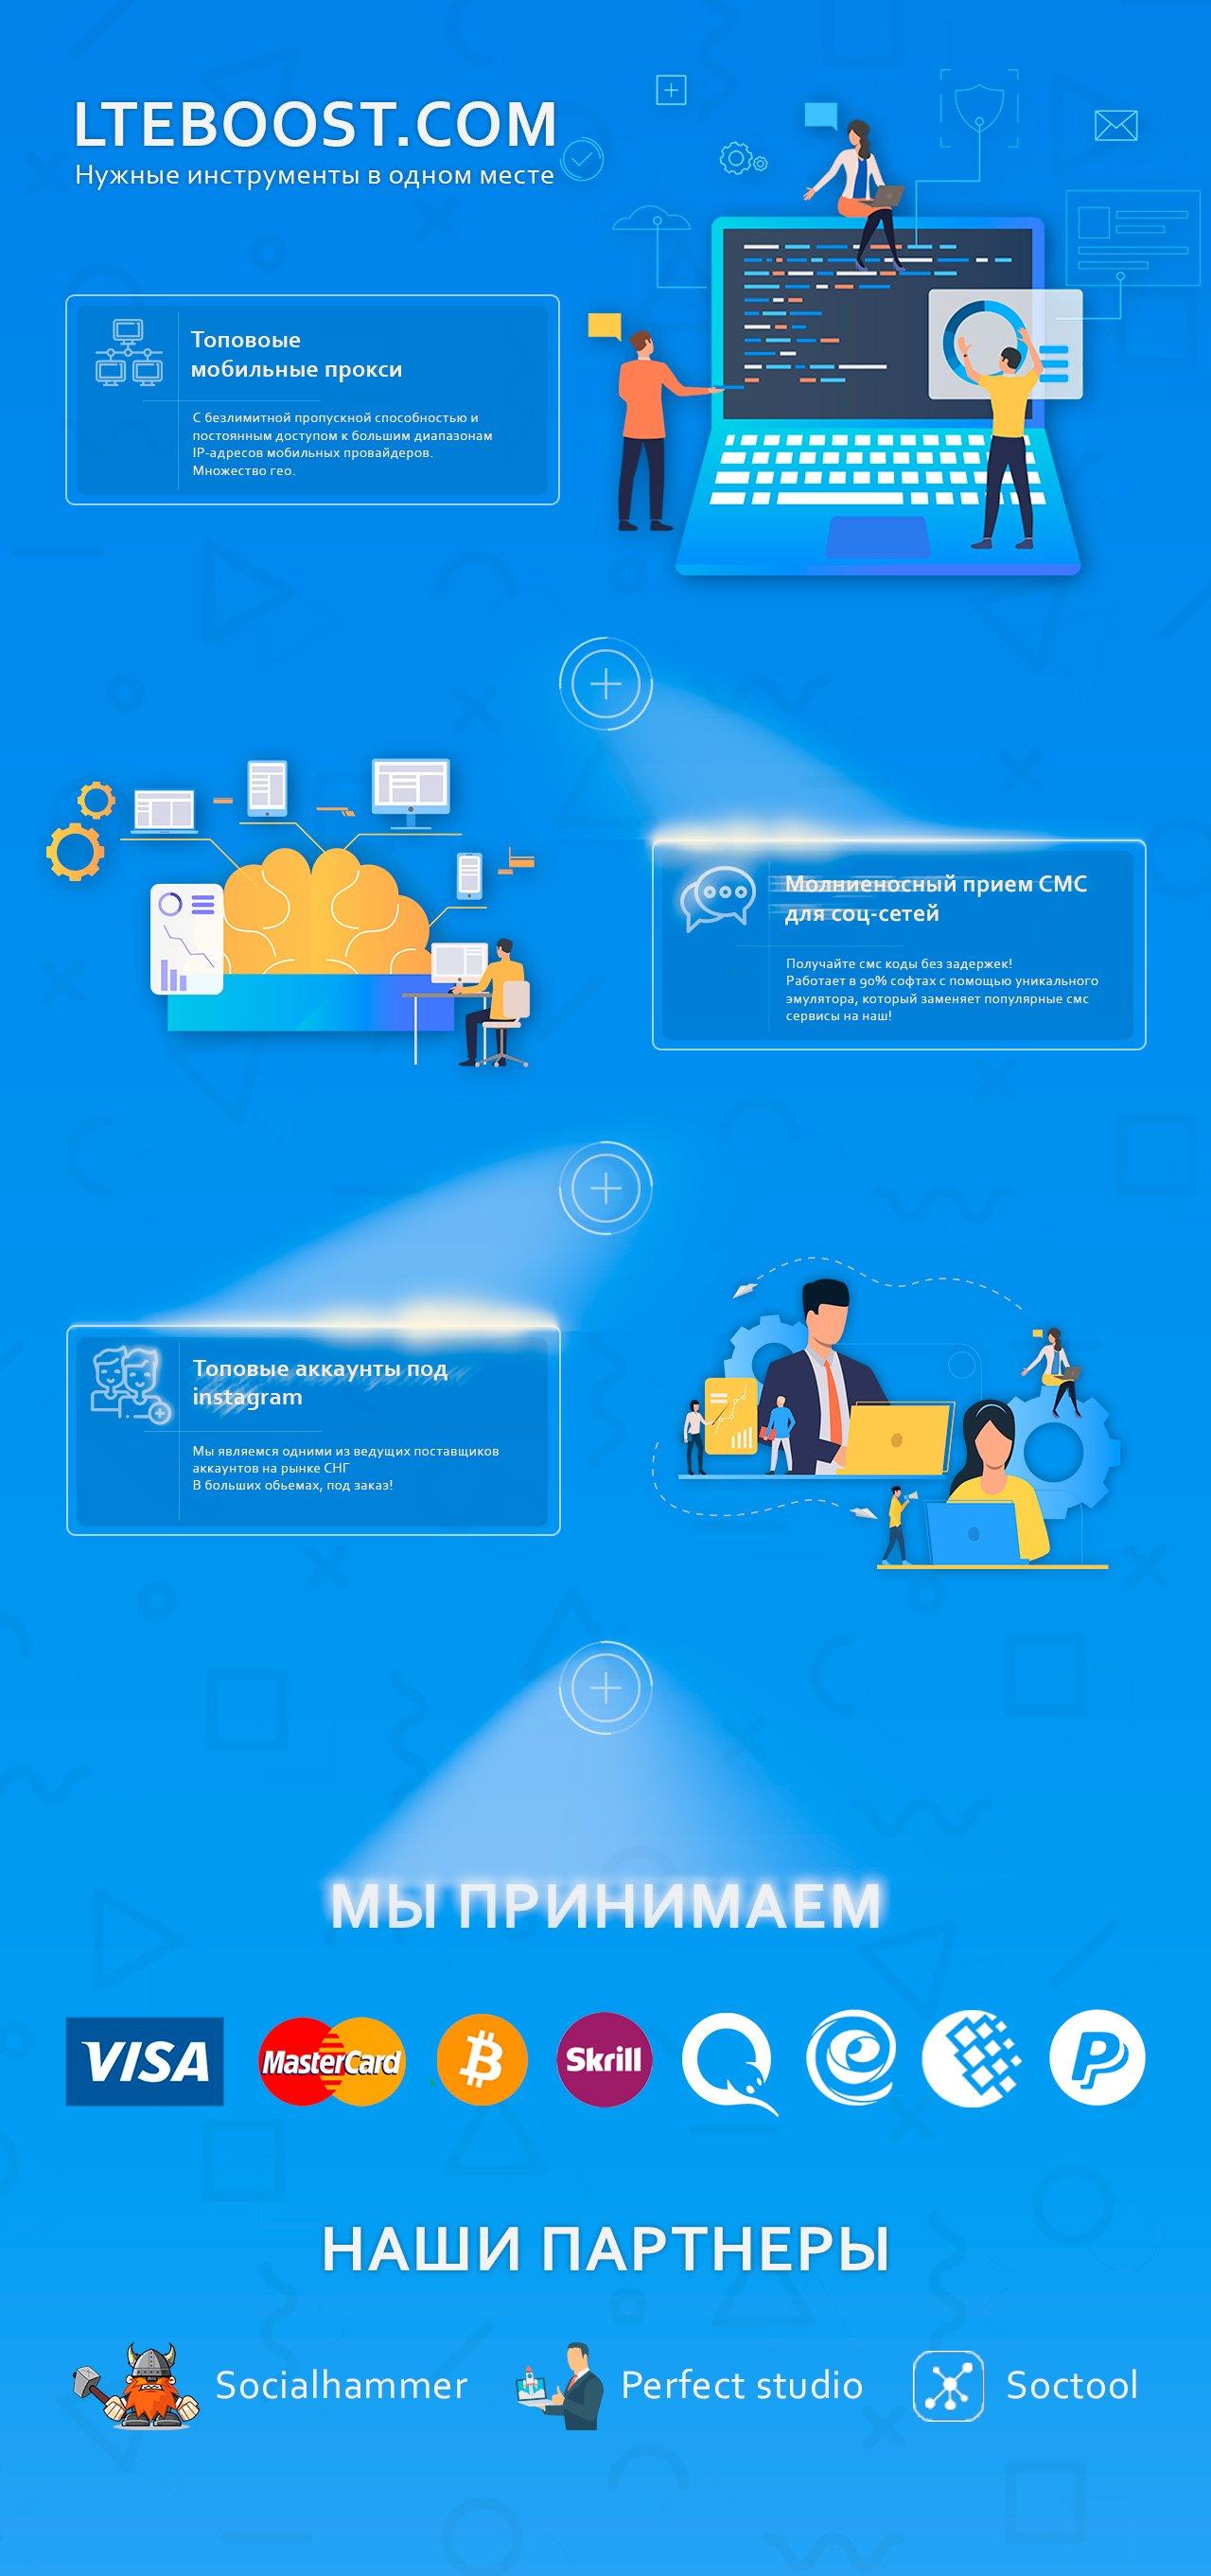 ✅ [ LTEBOOST.COM ] Лучшие Мобильные 4G\LTE прокси! + Резидентные Прокси + Тест!, 23 фев 2020, 14:03, Форум о социальной сети Instagram. Секреты, инструкции и рекомендации